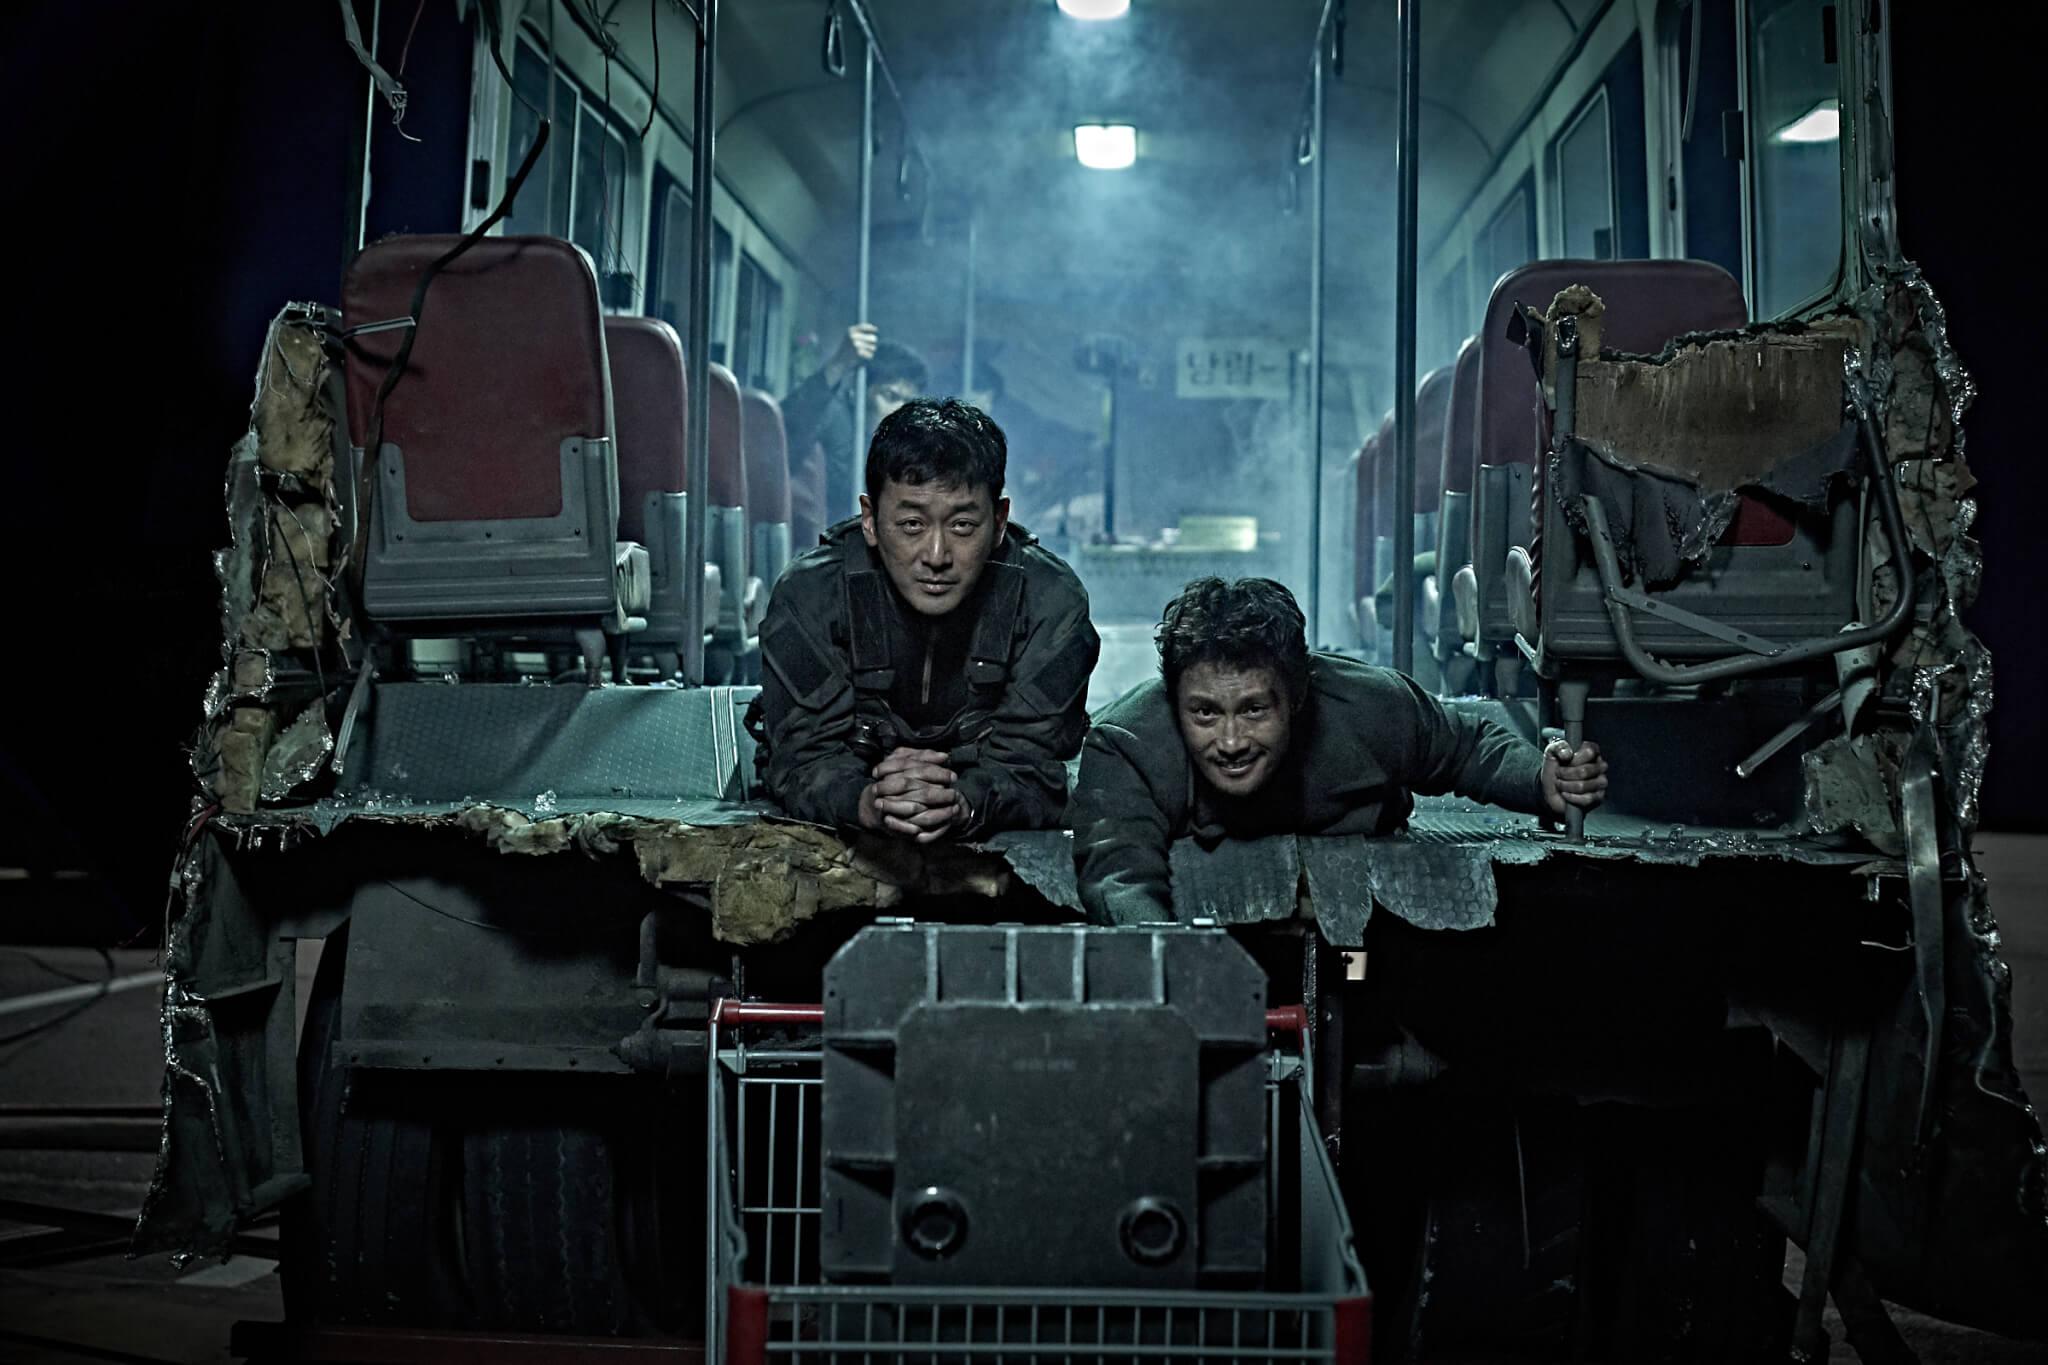 河正宇和李秉憲在斷開兩截的巴士上拉着超市手推車,到底發生什麼事?